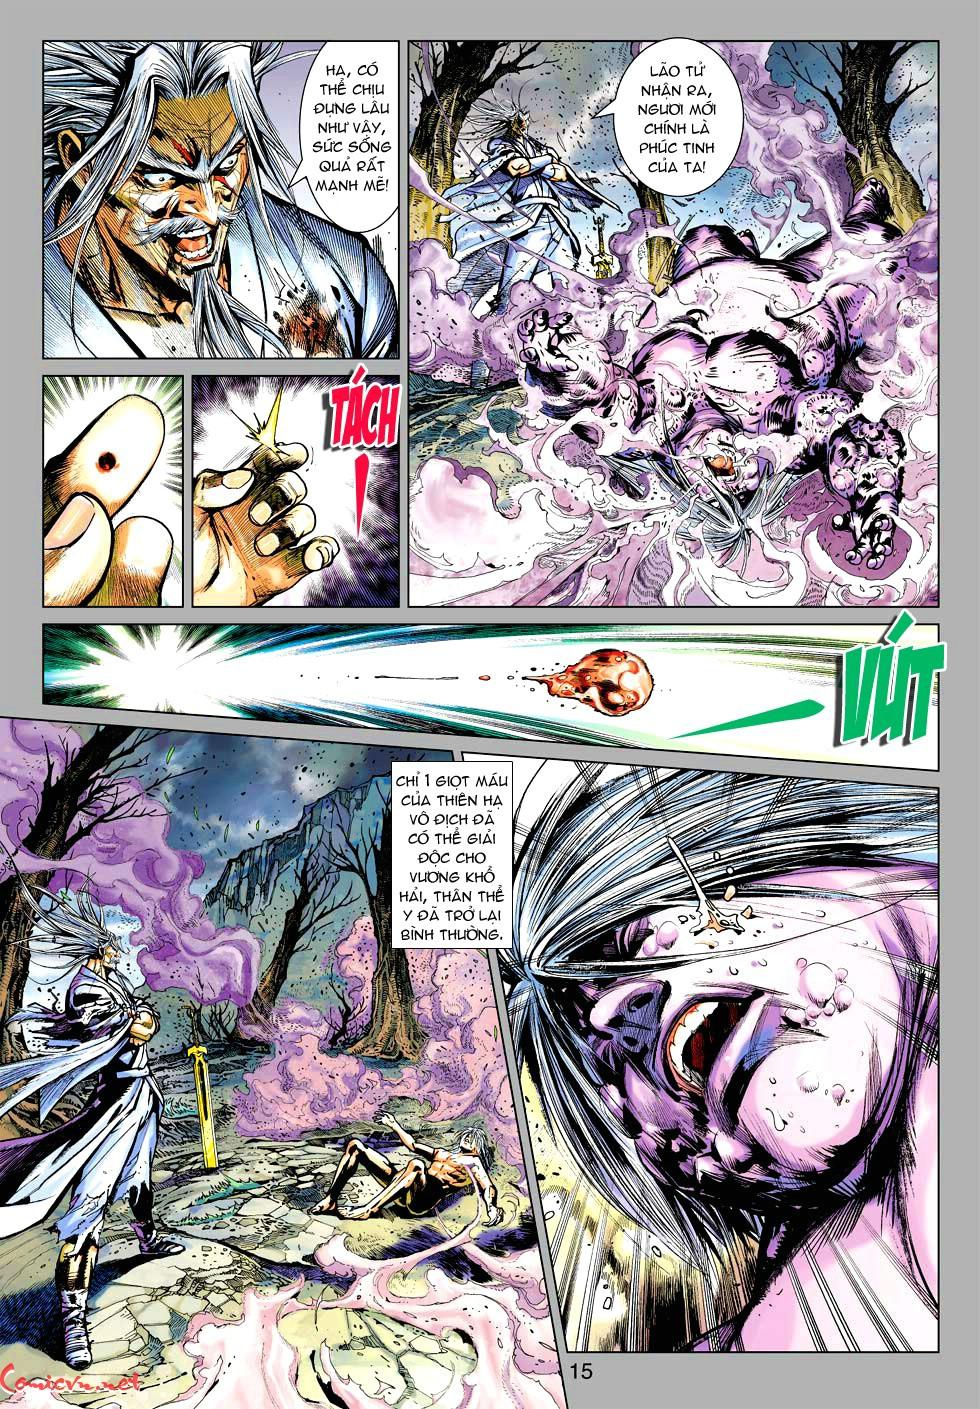 Vương Phong Lôi 1 chap 38 - Trang 13